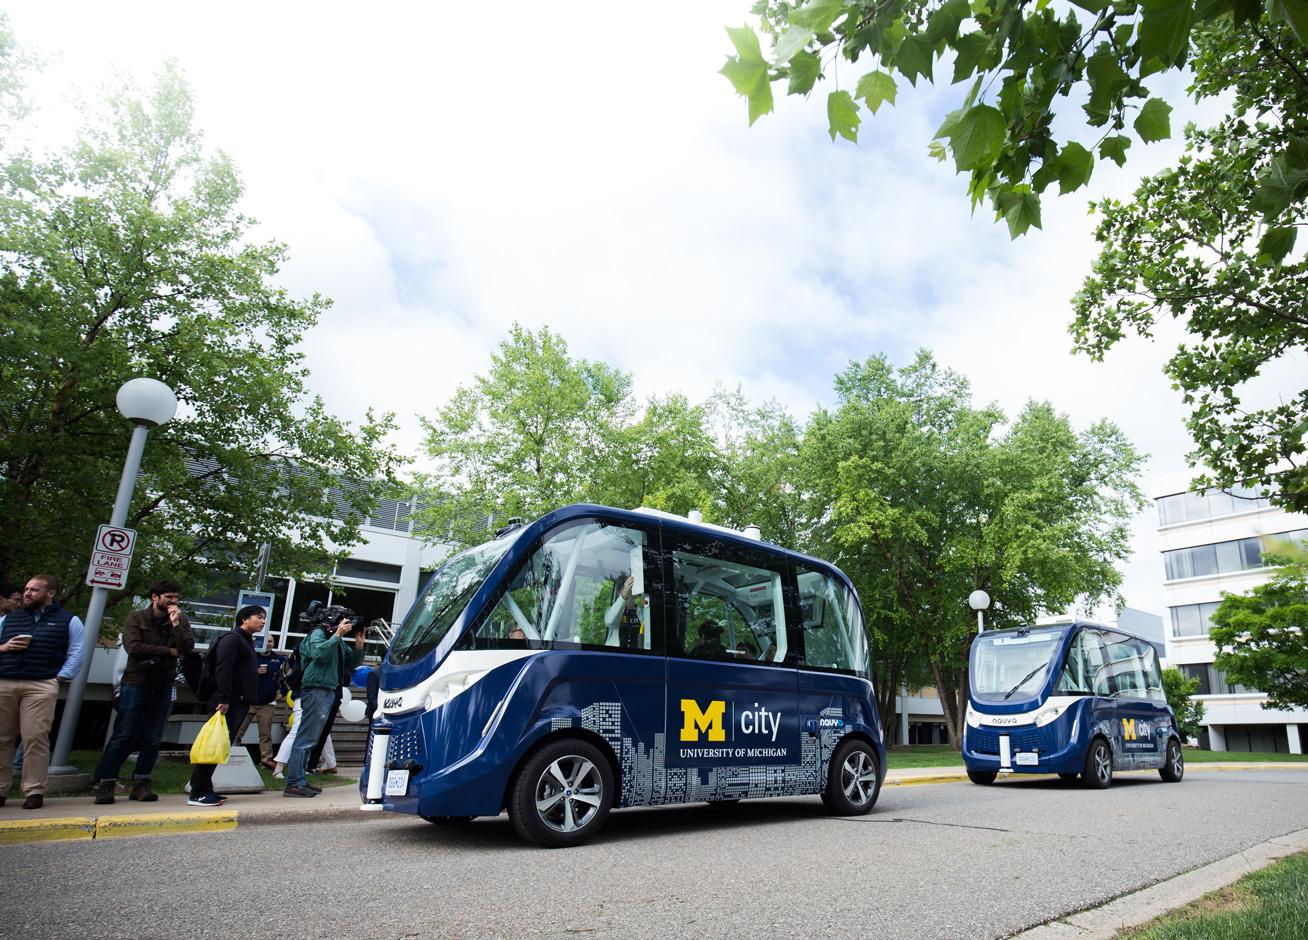 Ann Arbor - As Tech Hub